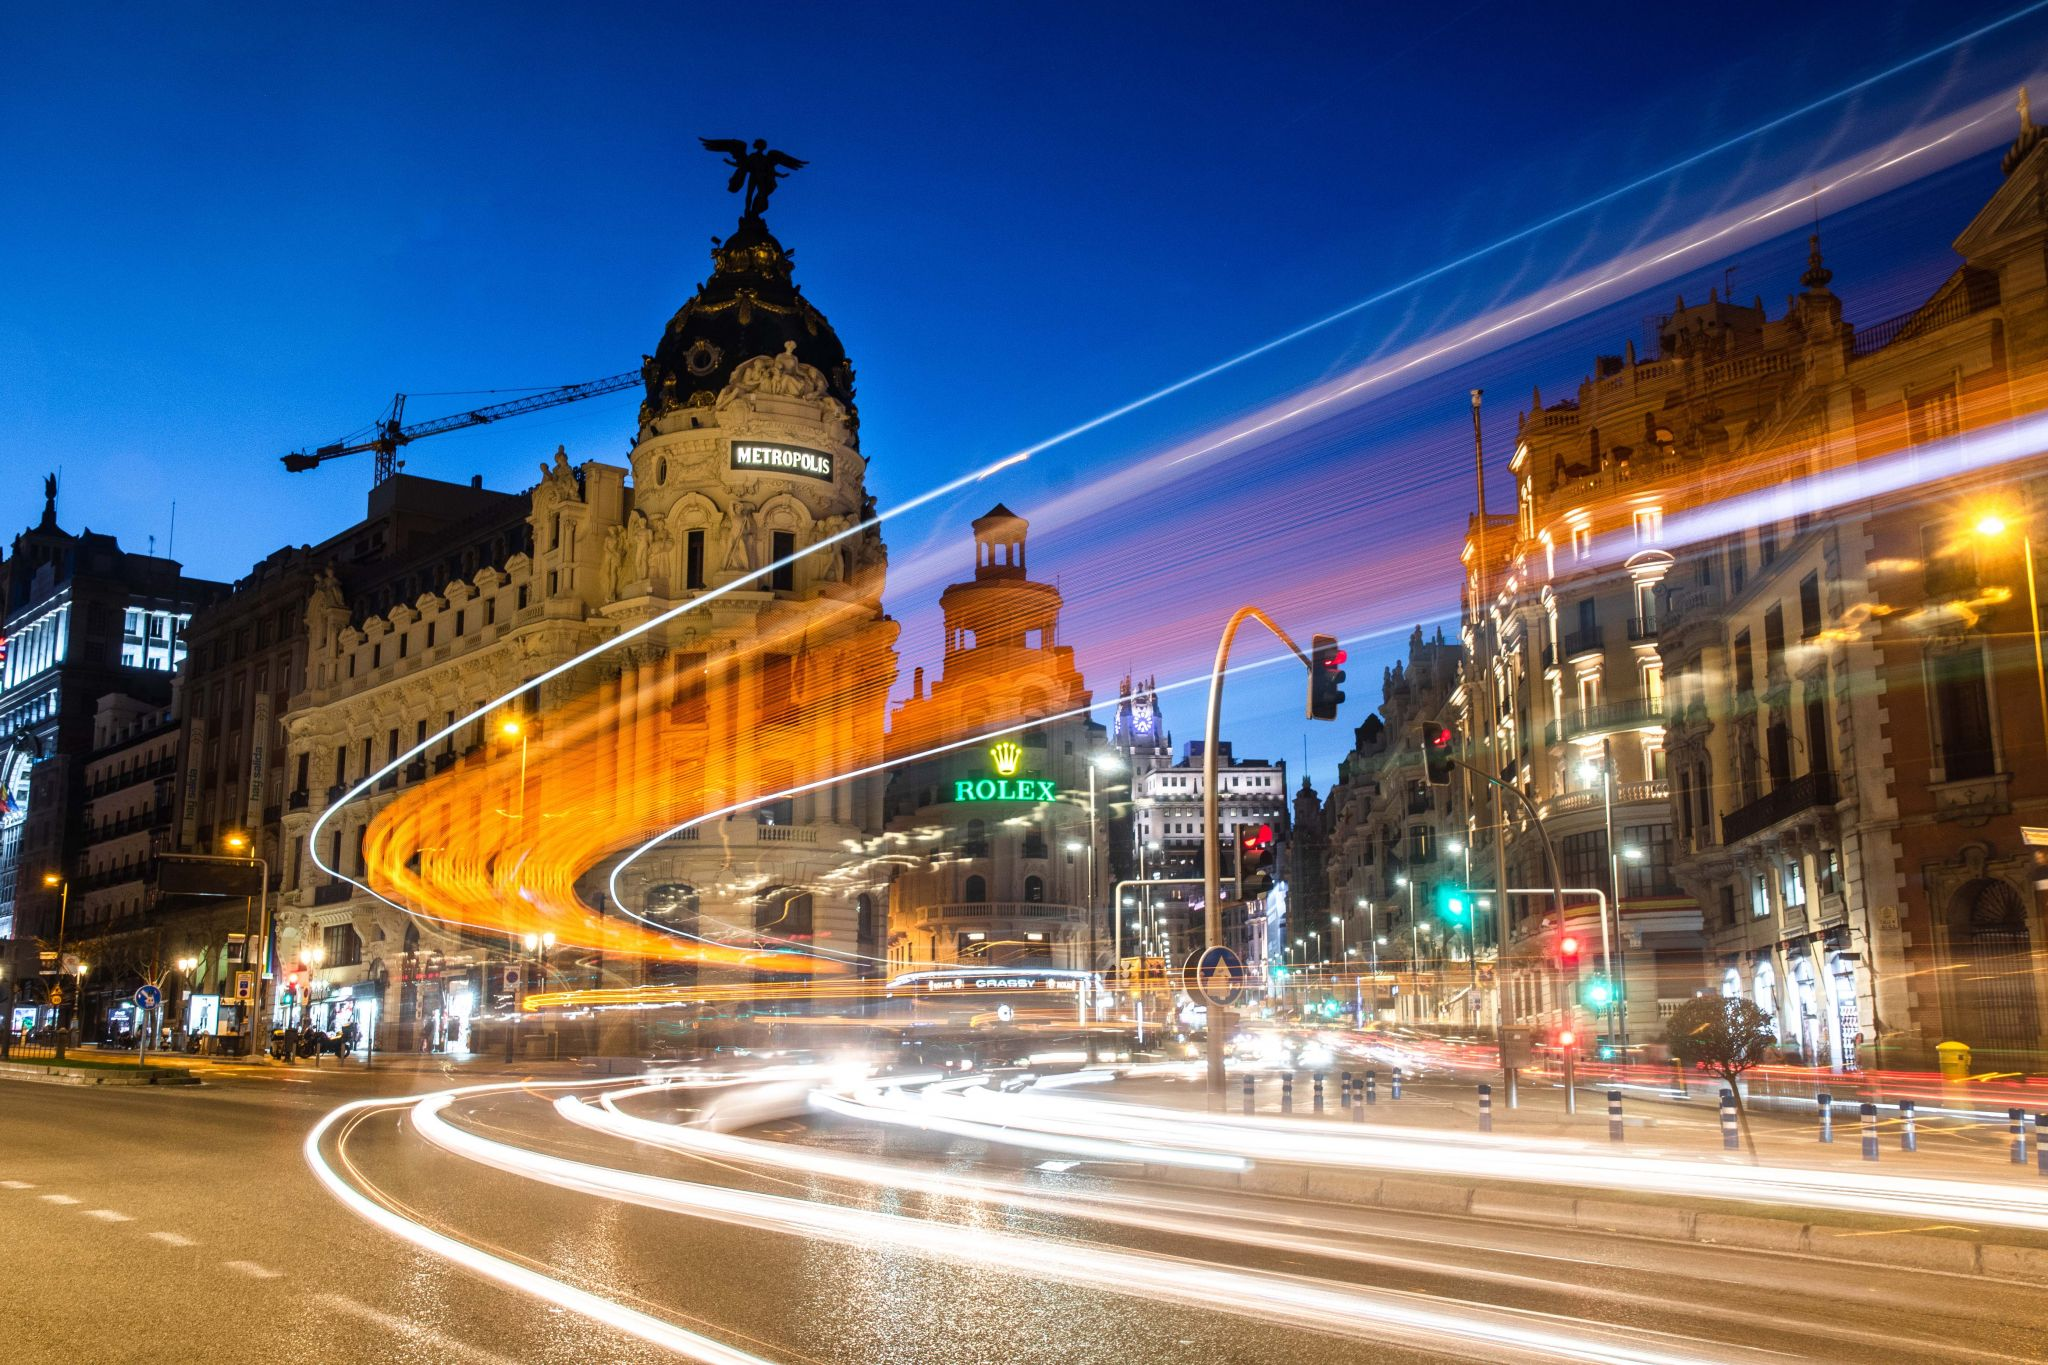 Edifico Metropolis, Spain